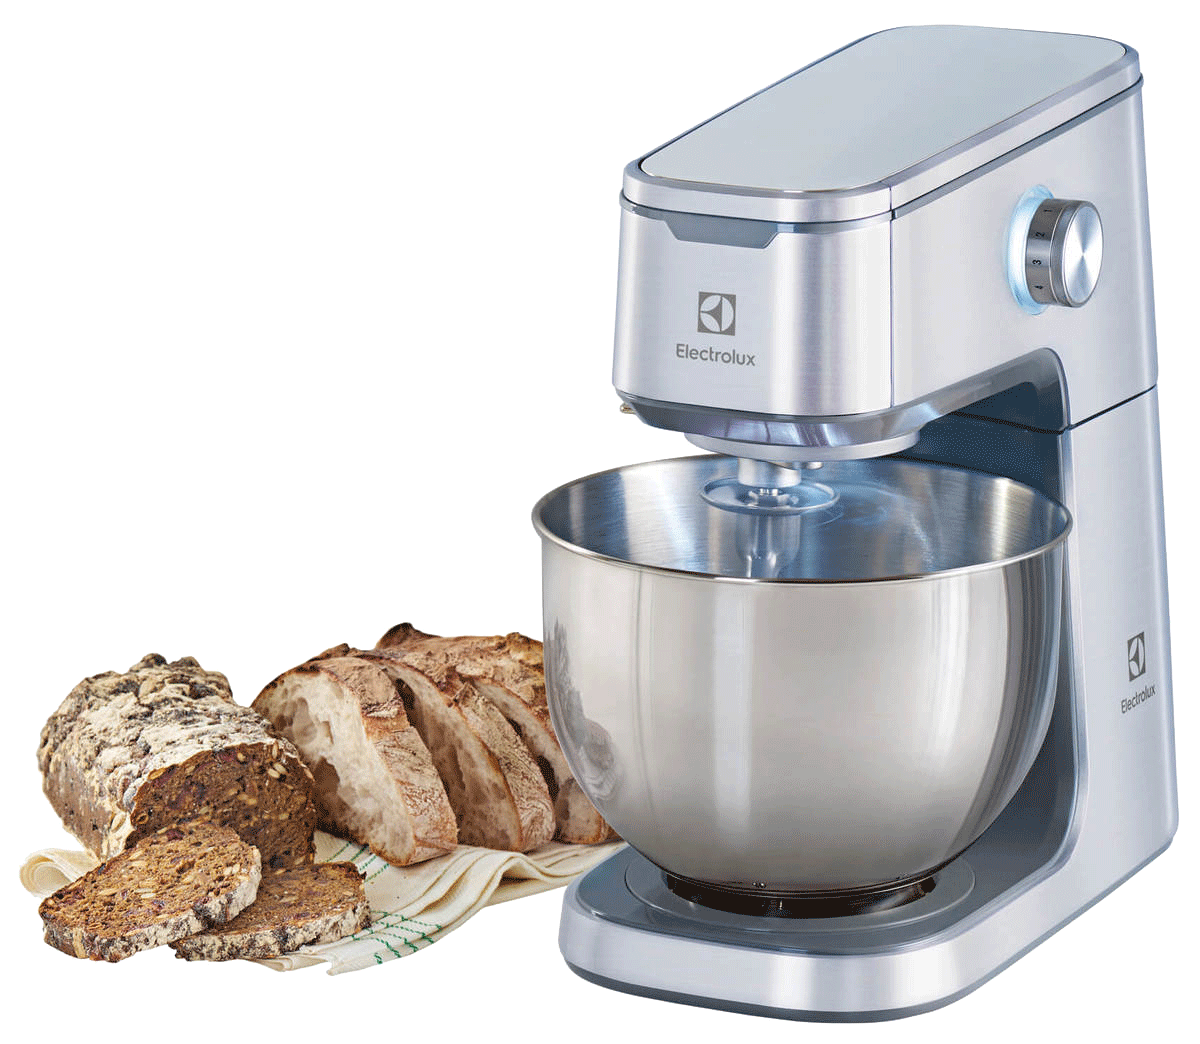 Küchenmaschine Media Markt ~ electrolux ekm7300 küchenmaschine 5 7 l edelstahl chrom günstig kaufen küchenmaschinen